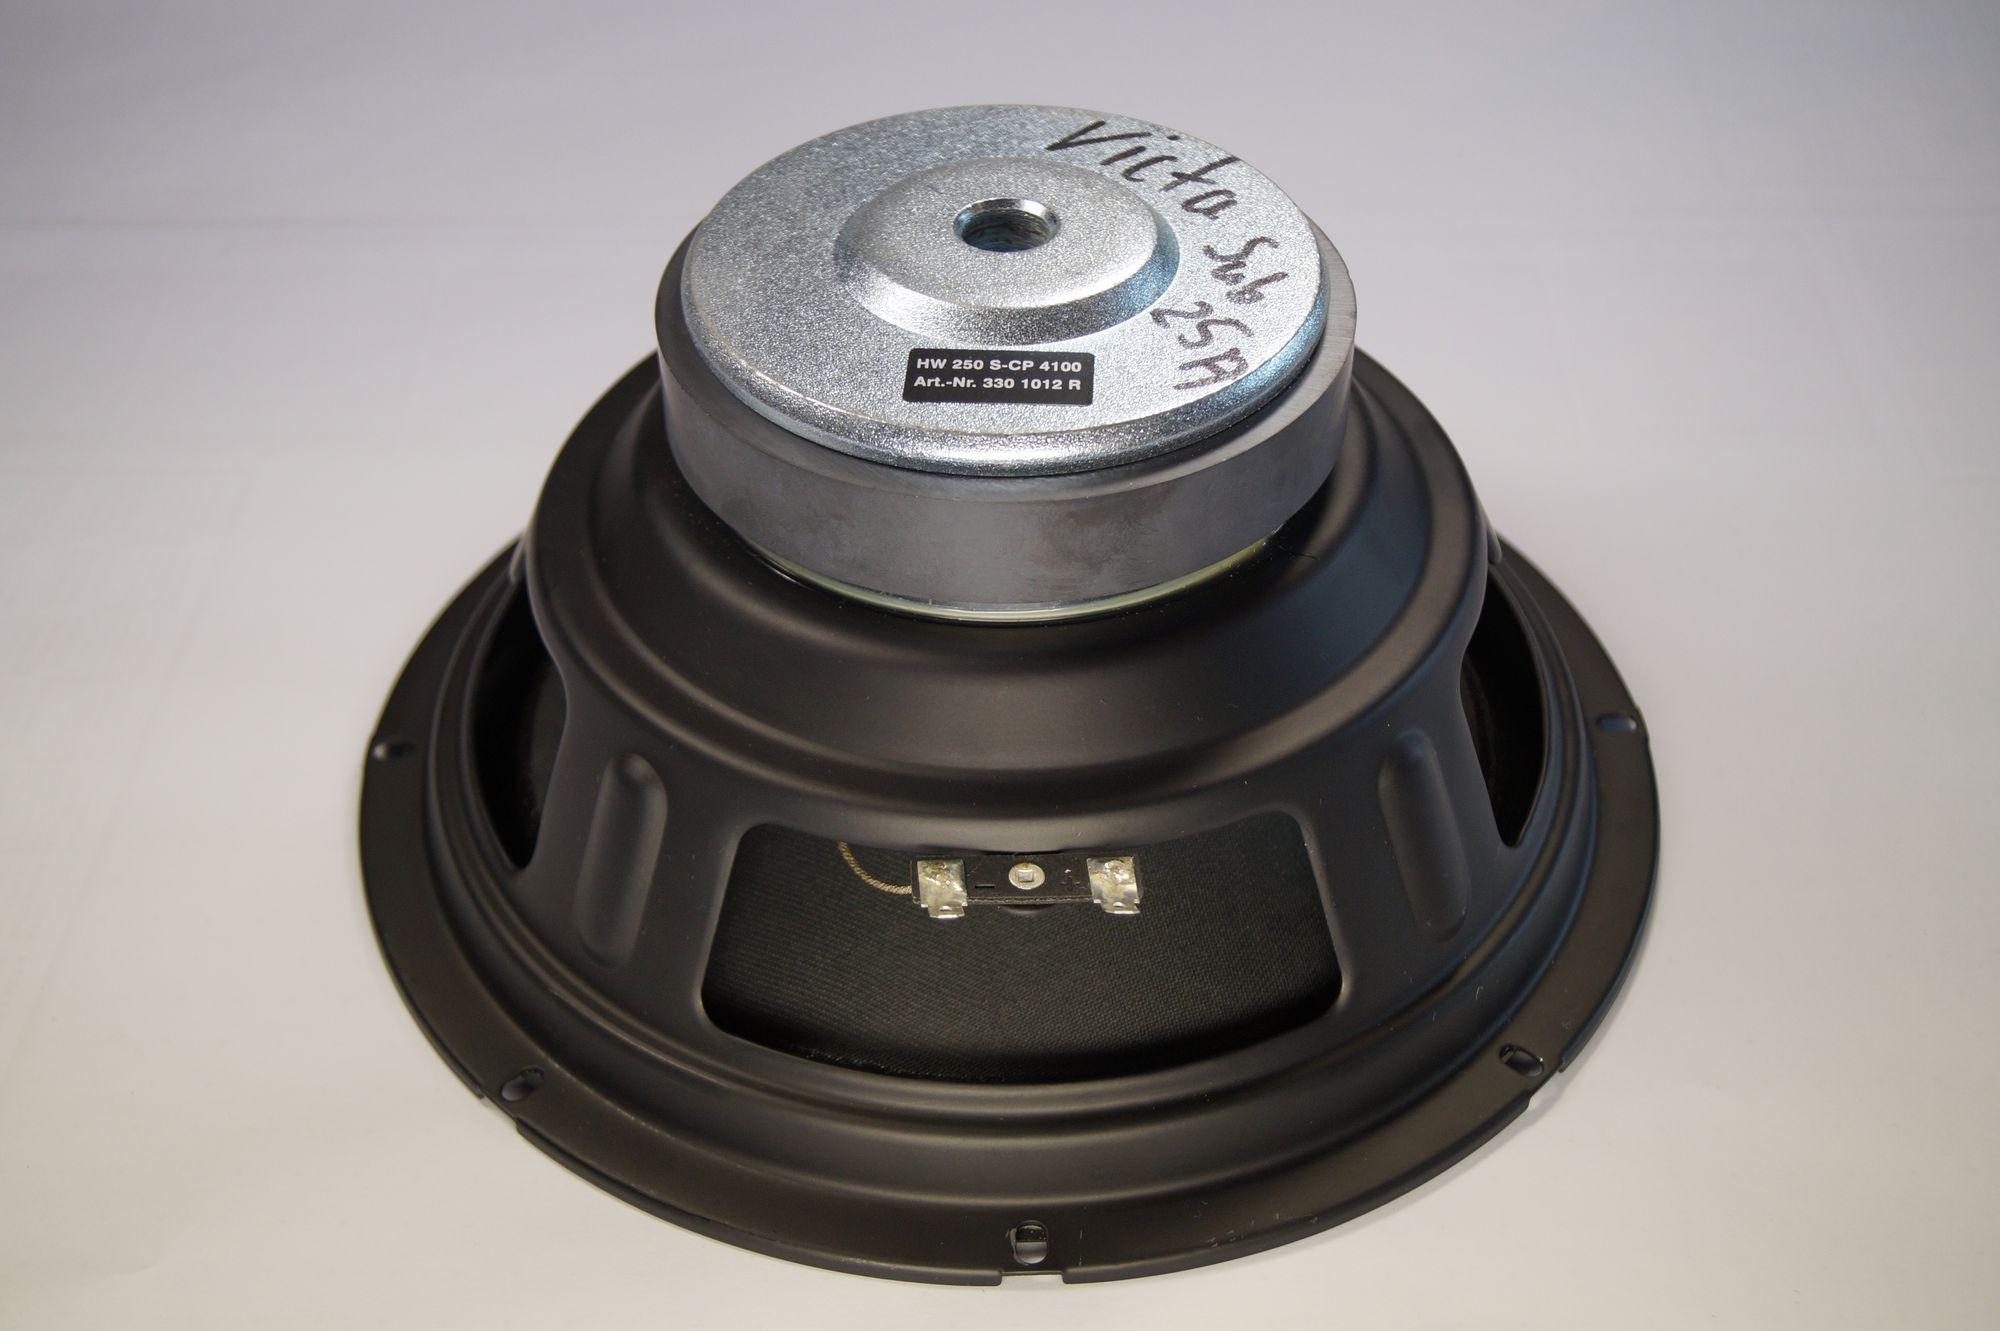 Heco Victa Sub 251, HW 250 S-CP 4100 Tieftöner, 1 Stück – Bild 3